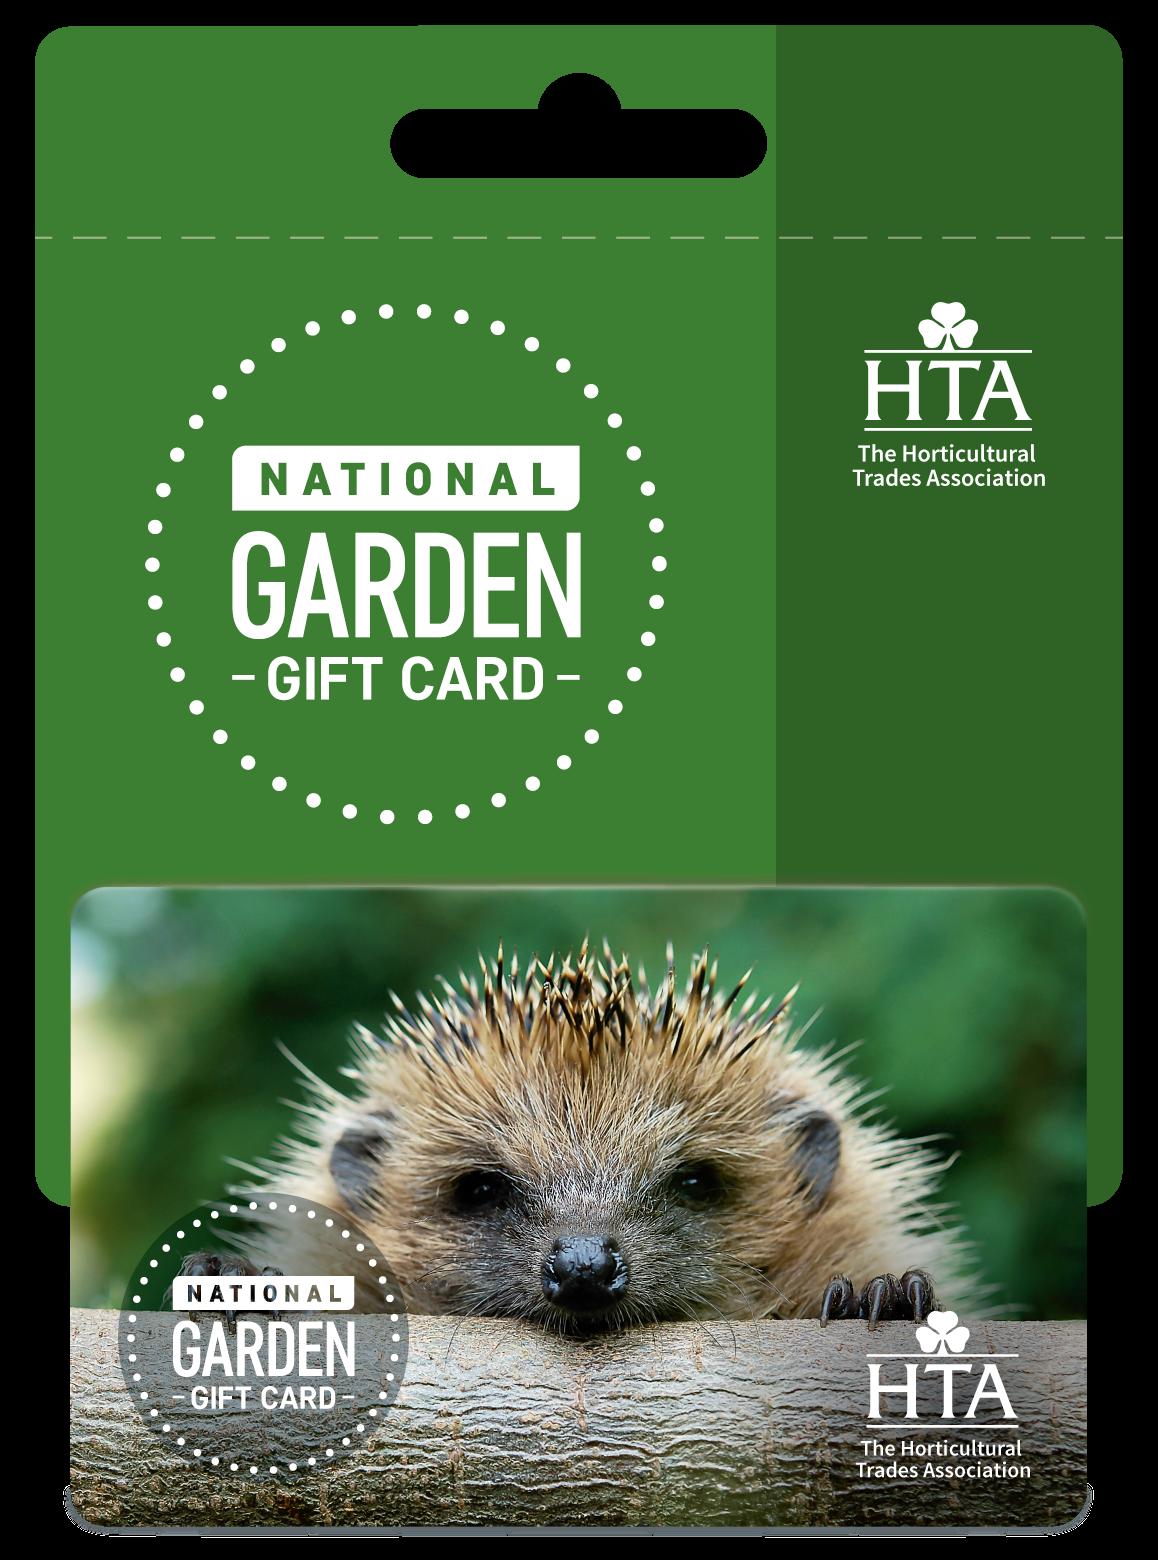 Hedgehog design